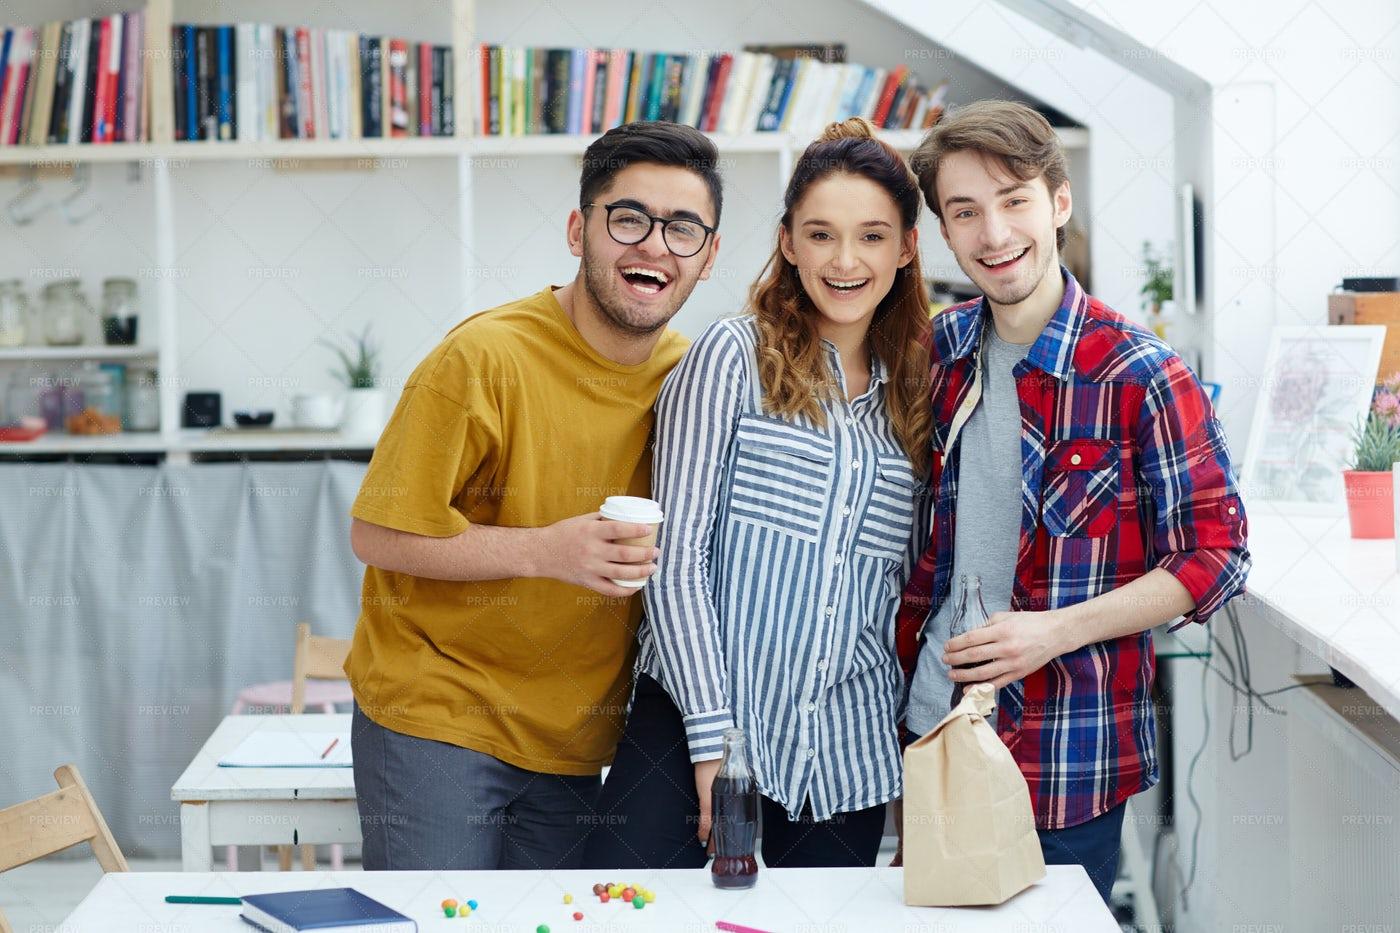 Joyful Teens: Stock Photos